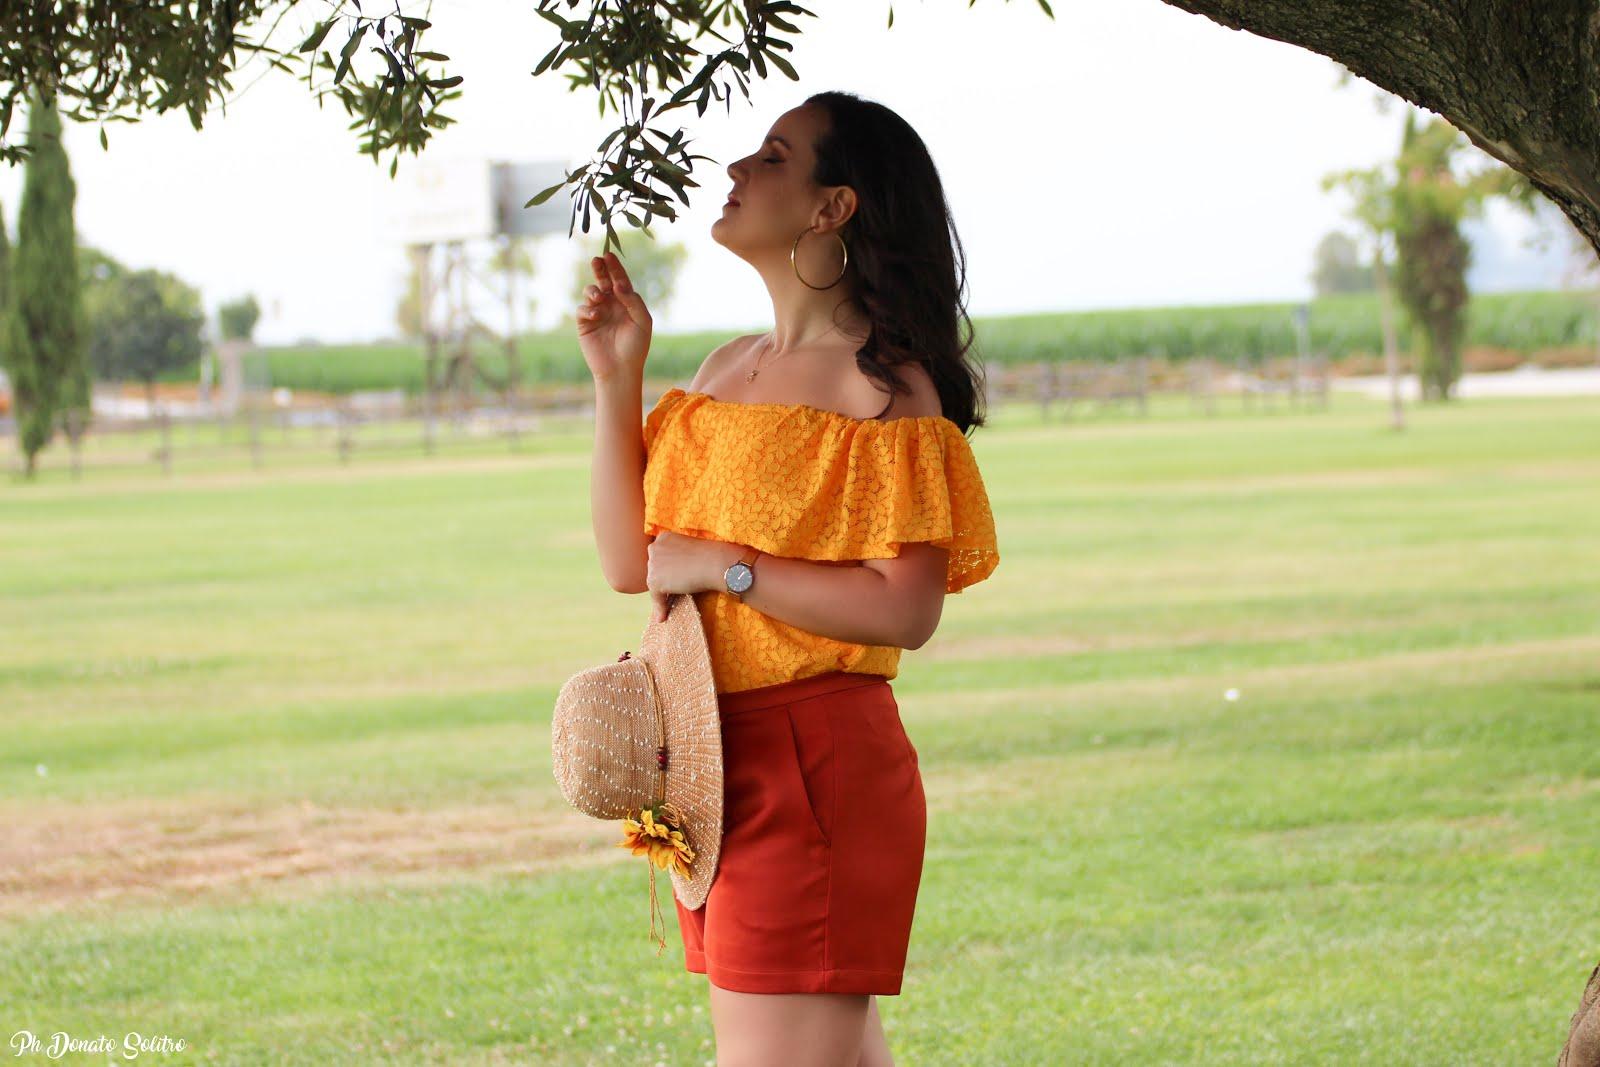 Top giallo e pantaloncino arancio look che risalta l'abbronzatura